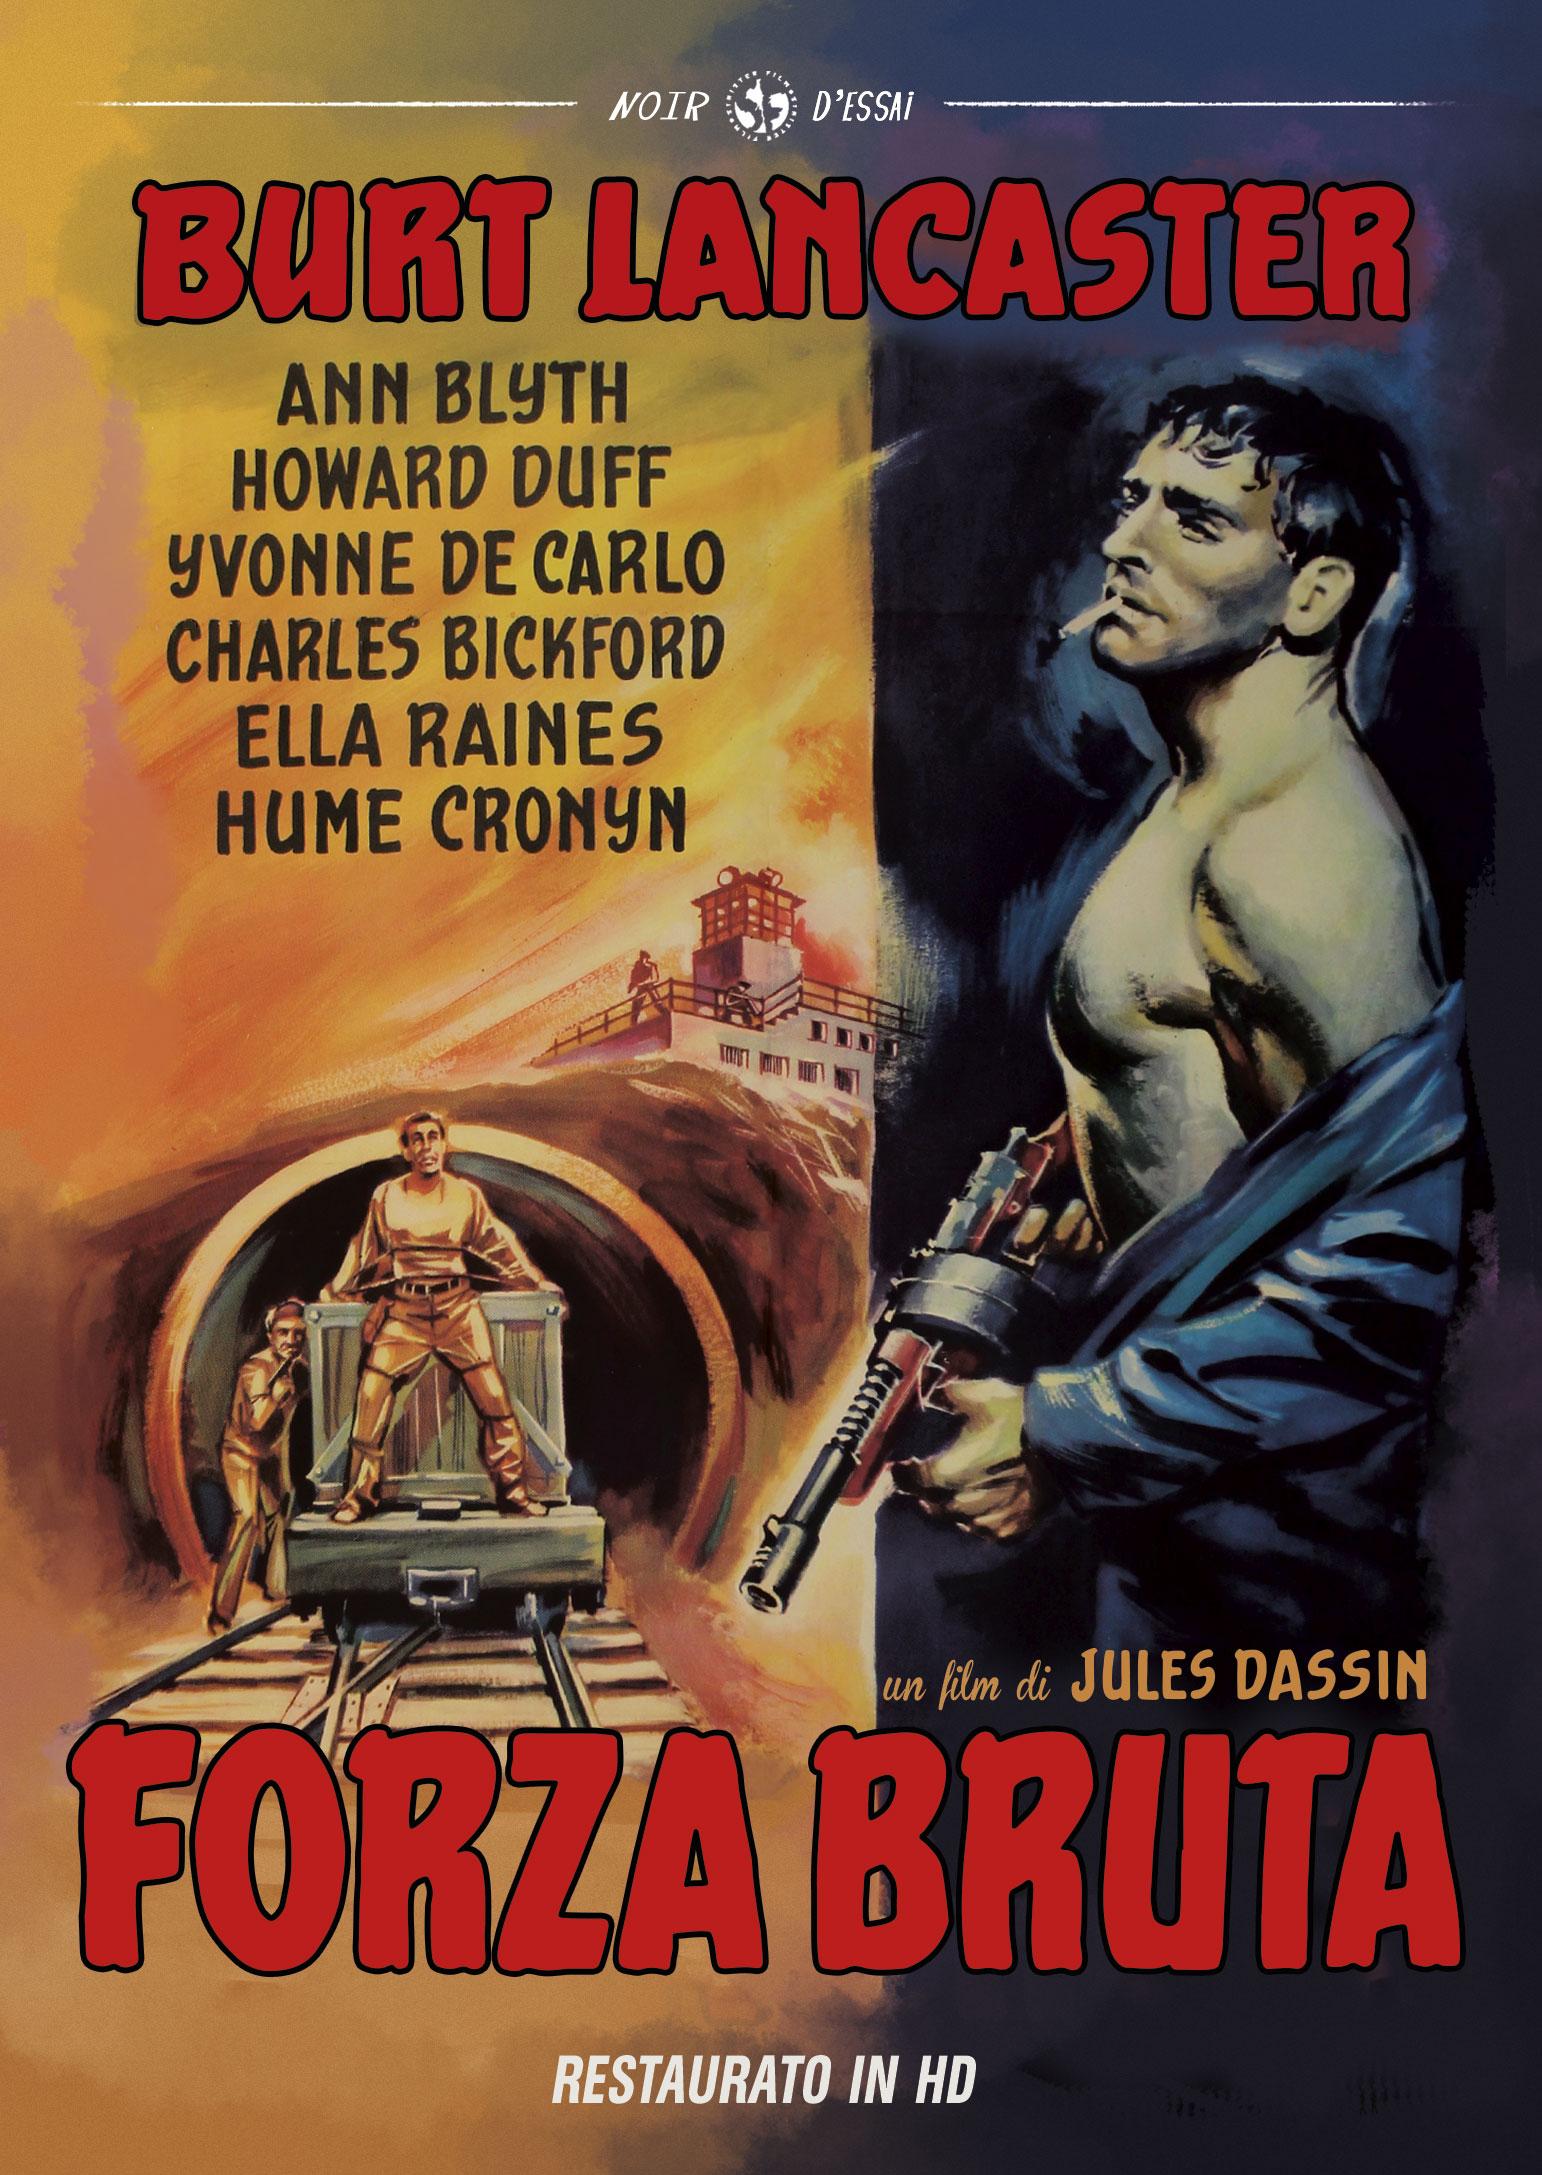 FORZA BRUTA (RESTAURATO IN HD) (DVD)